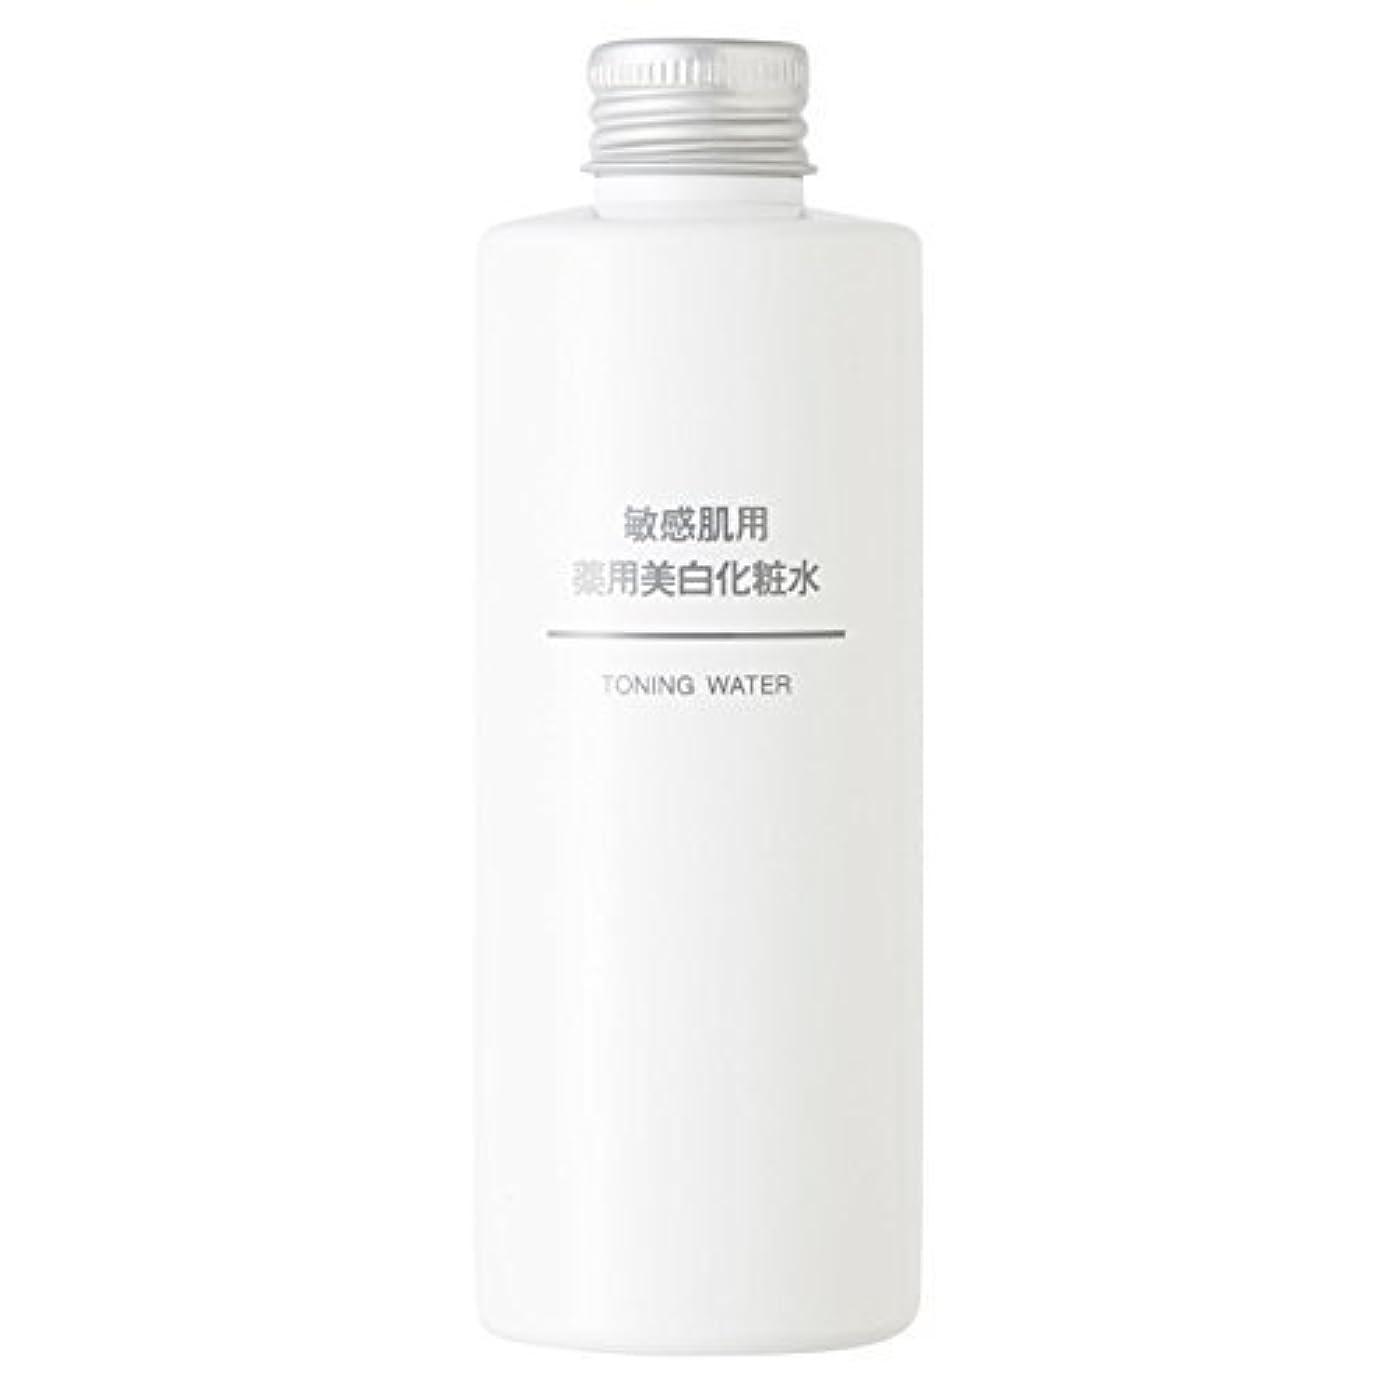 荒廃する賞賛するフラッシュのように素早く無印良品 敏感肌用 薬用美白化粧水 (新)200ml